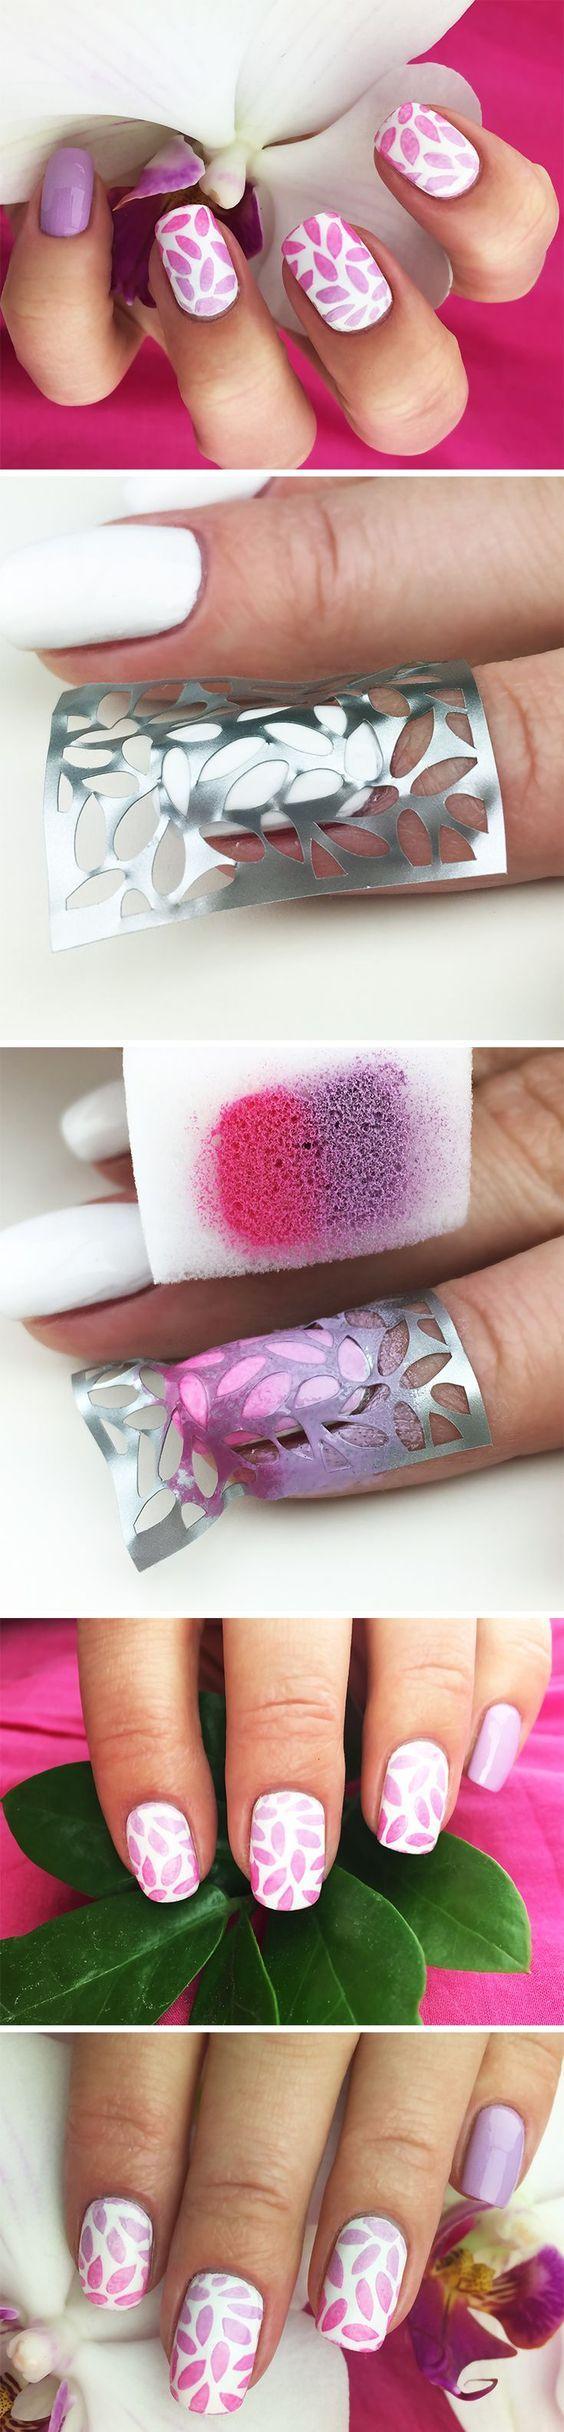 Haz tus propios diseños de #uñas sin tener que ir al salón de belleza. #DIY #DiseñoDeUñas #Nails #NailArt #HazloTúMisma